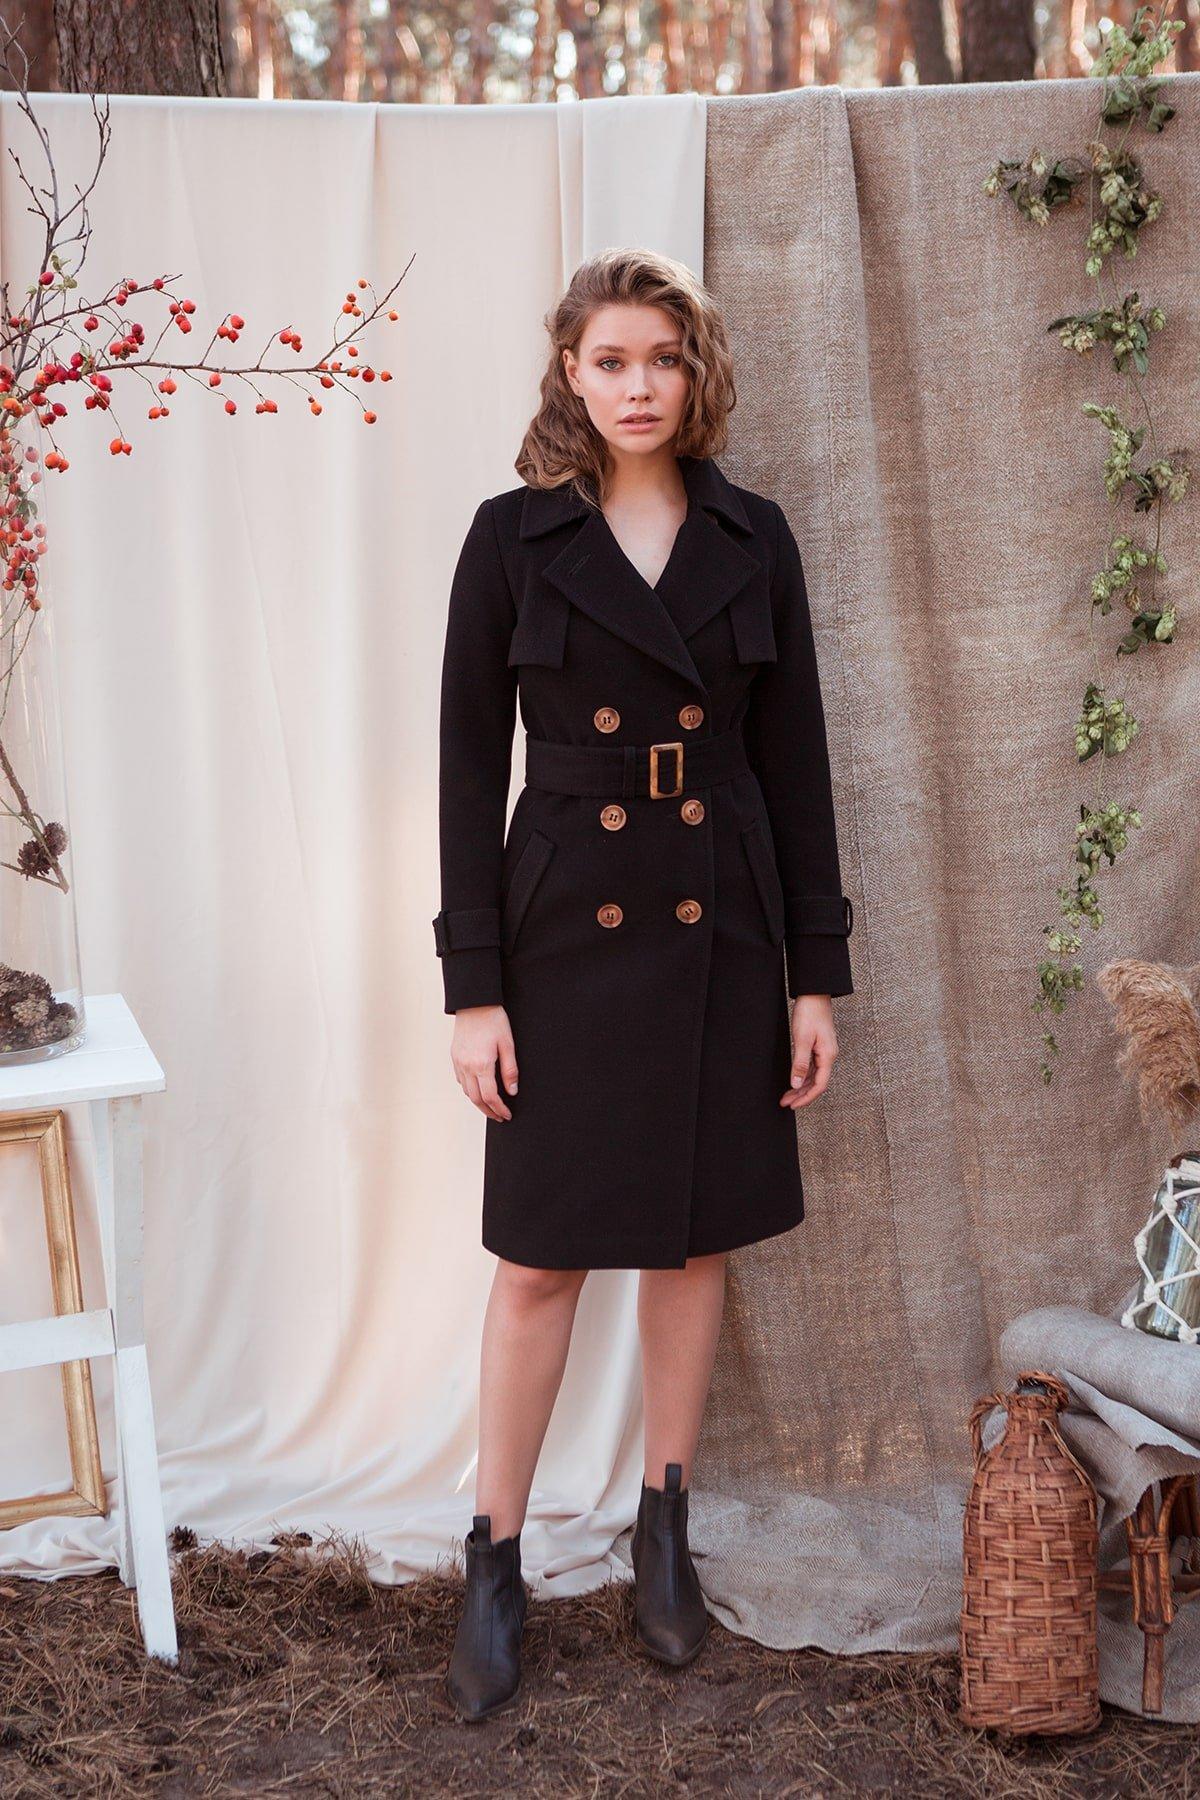 Черное двубортное пальто Монте 7947 АРТ. 43907 Цвет: Черный - фото 2, интернет магазин tm-modus.ru